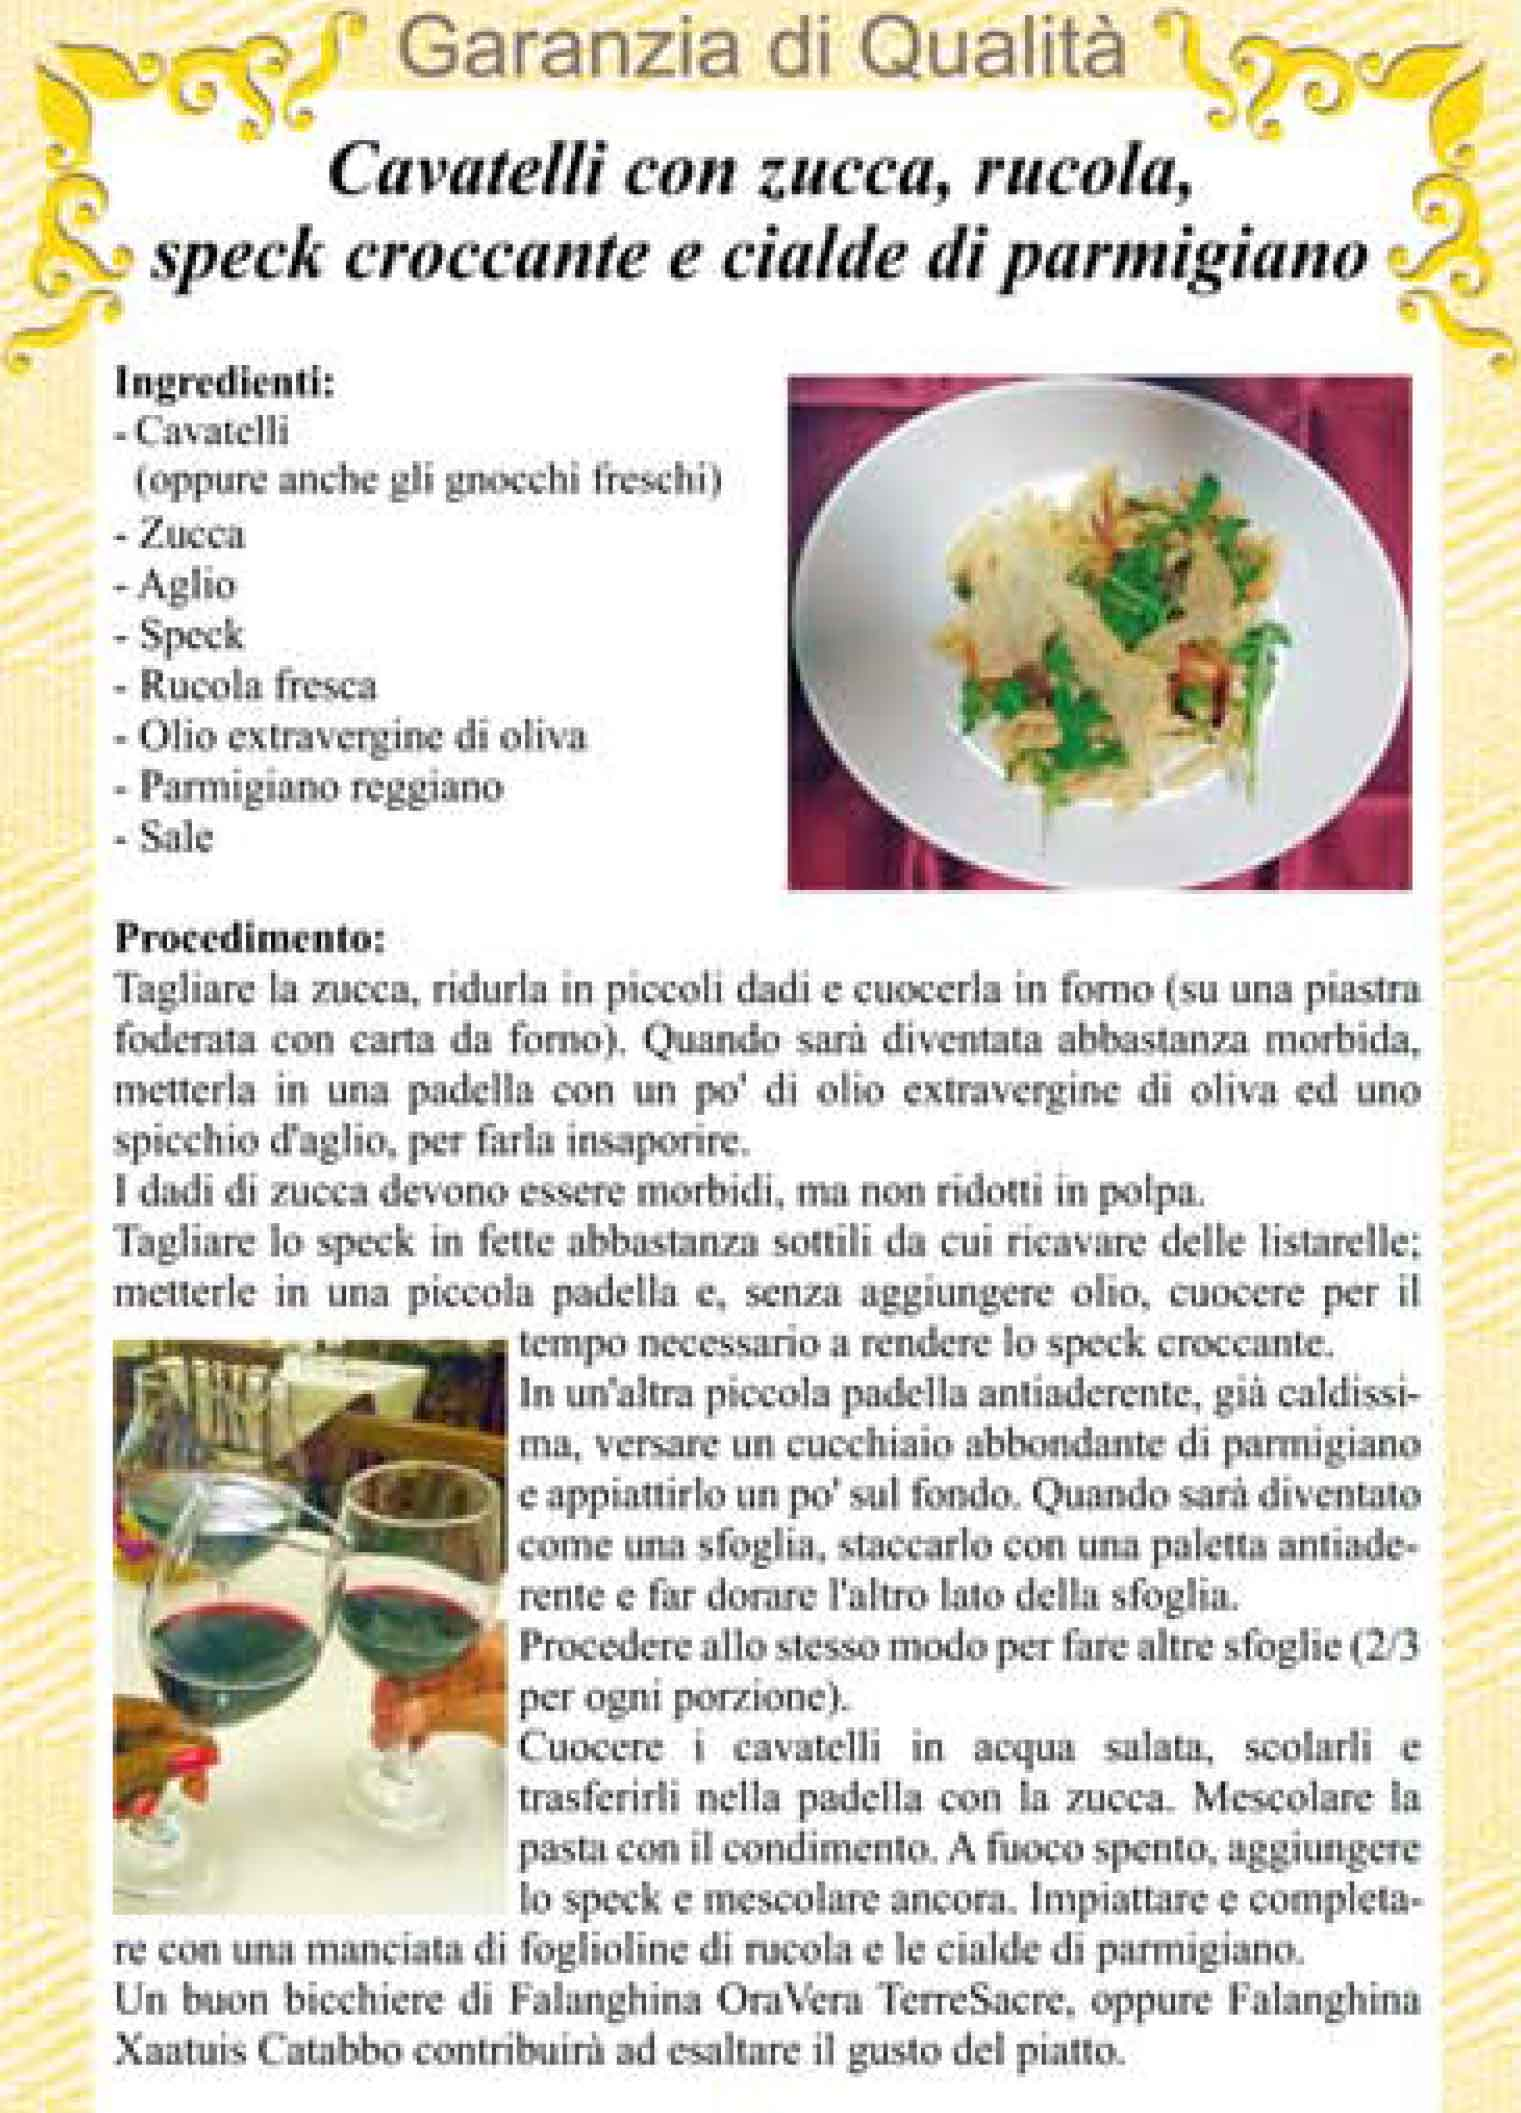 OSPITALITA' MOLISANA – Cavatelli con zucca, rucola, speck croccante e cialde di parmigiano